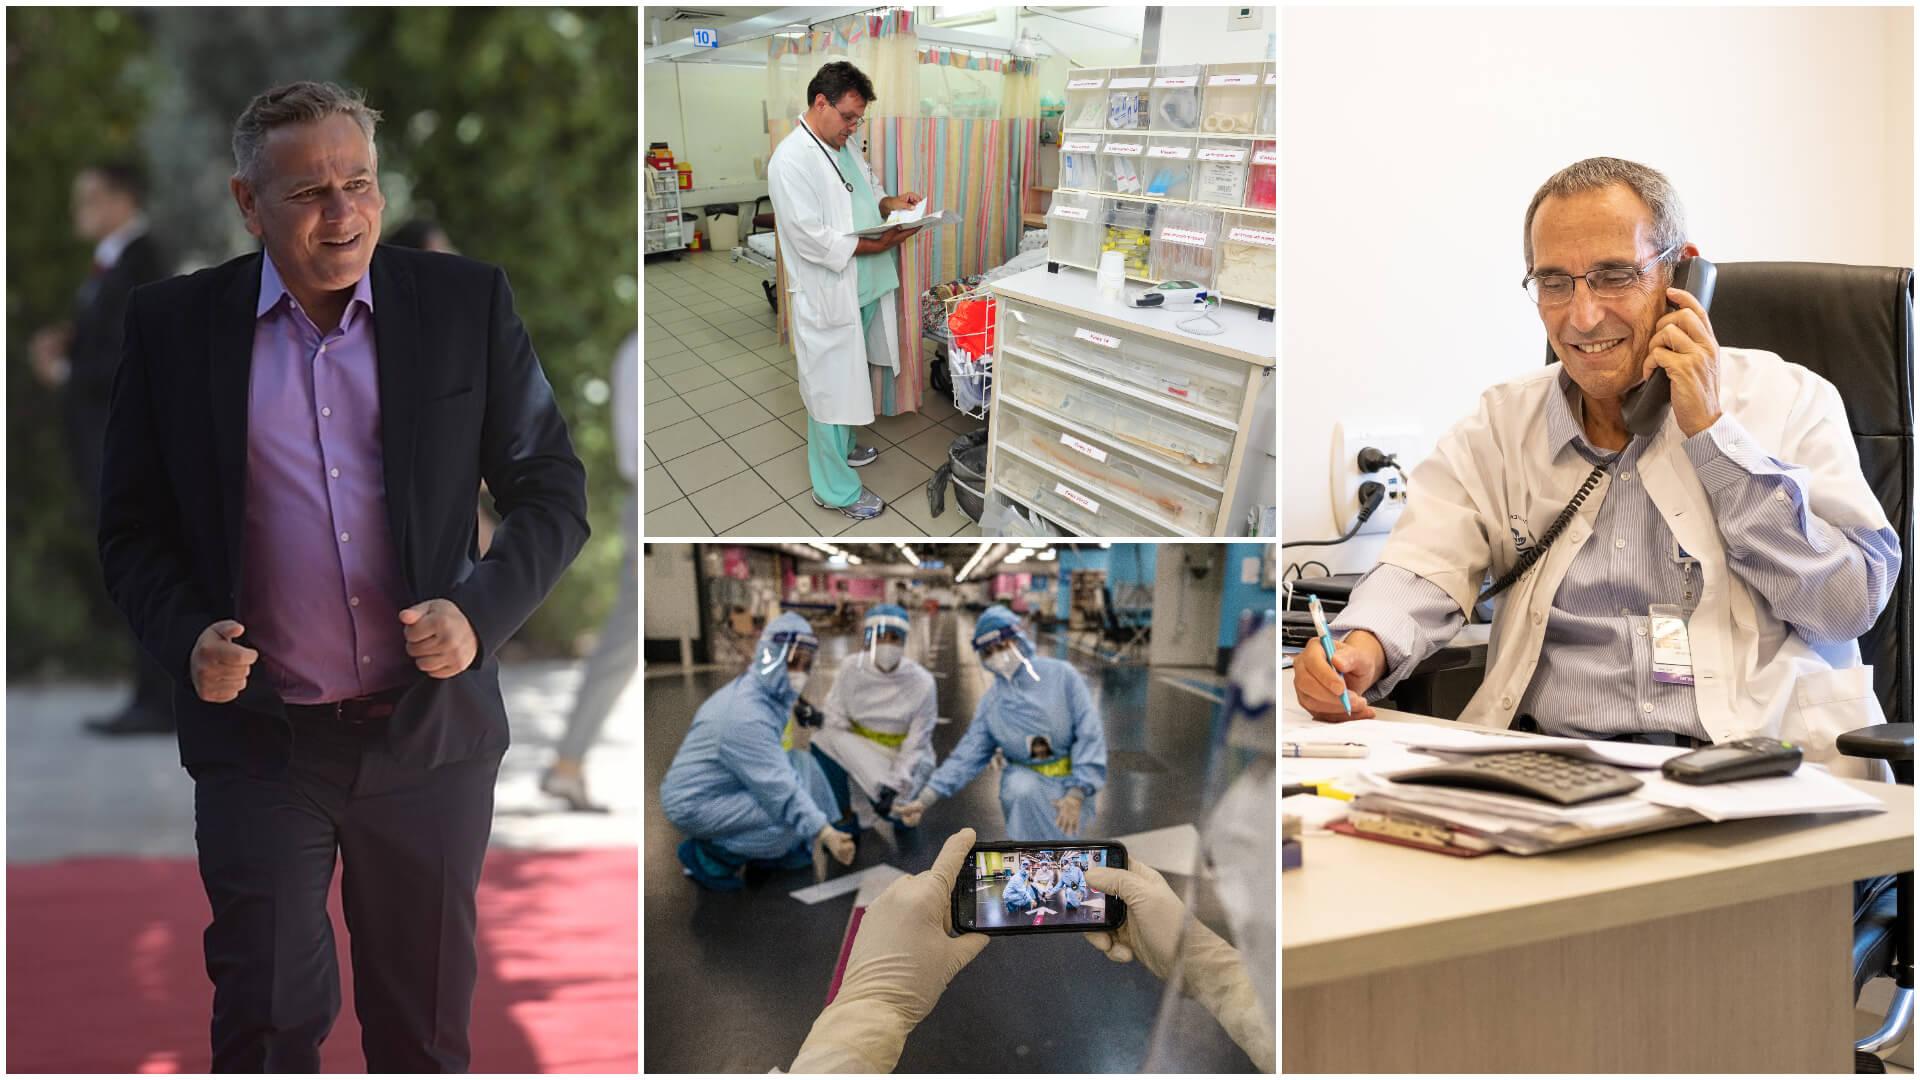 """שר הבריאות הטרי ניצן הורוביץ (משמאל ועם כיוון השעון), רופא בבית החולים ברזילי באשקלון, פרופ' אהוד גרוסמן בשיבא וצוות רפואי ברמב""""ם. צילומים: ביא בר קלוש, קובי גדעון - לע""""מ, שאטרסטוק"""